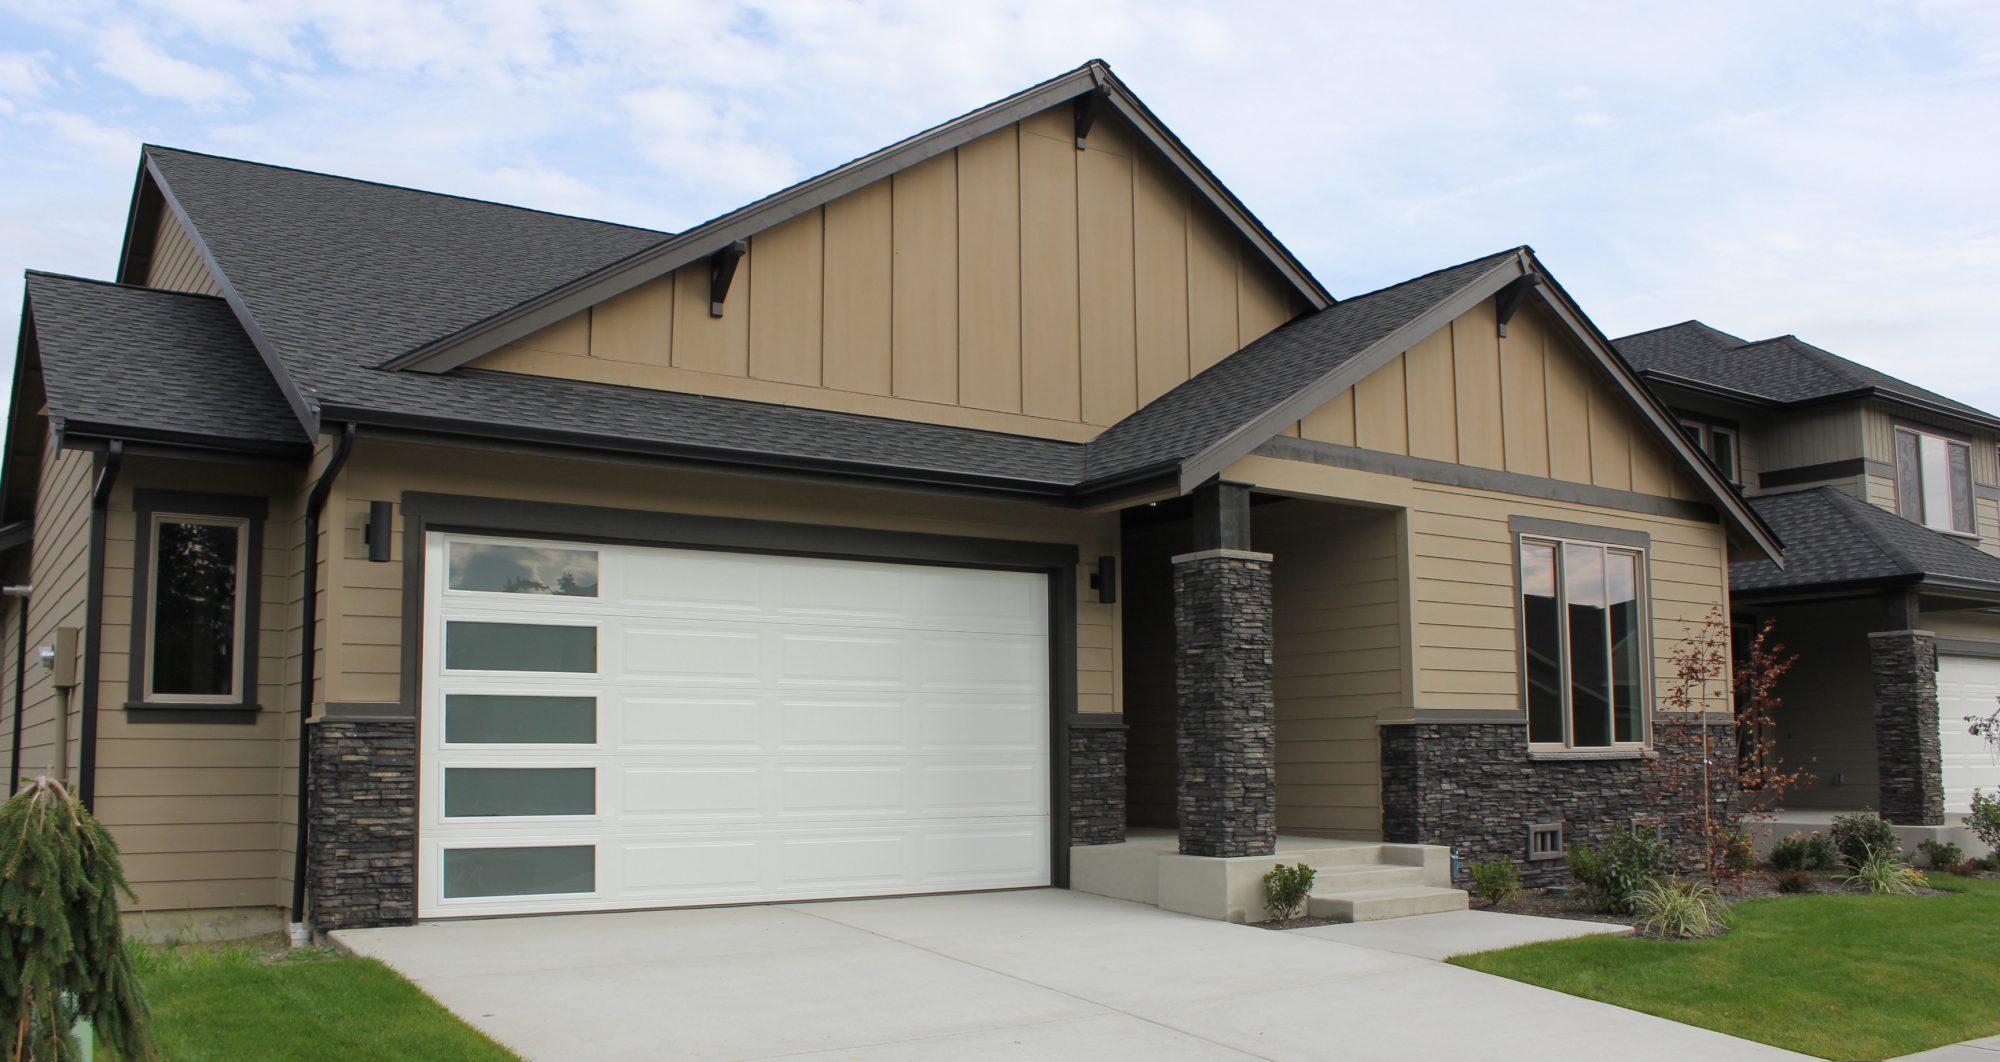 Therma max northwest door for Therma door garage insulation